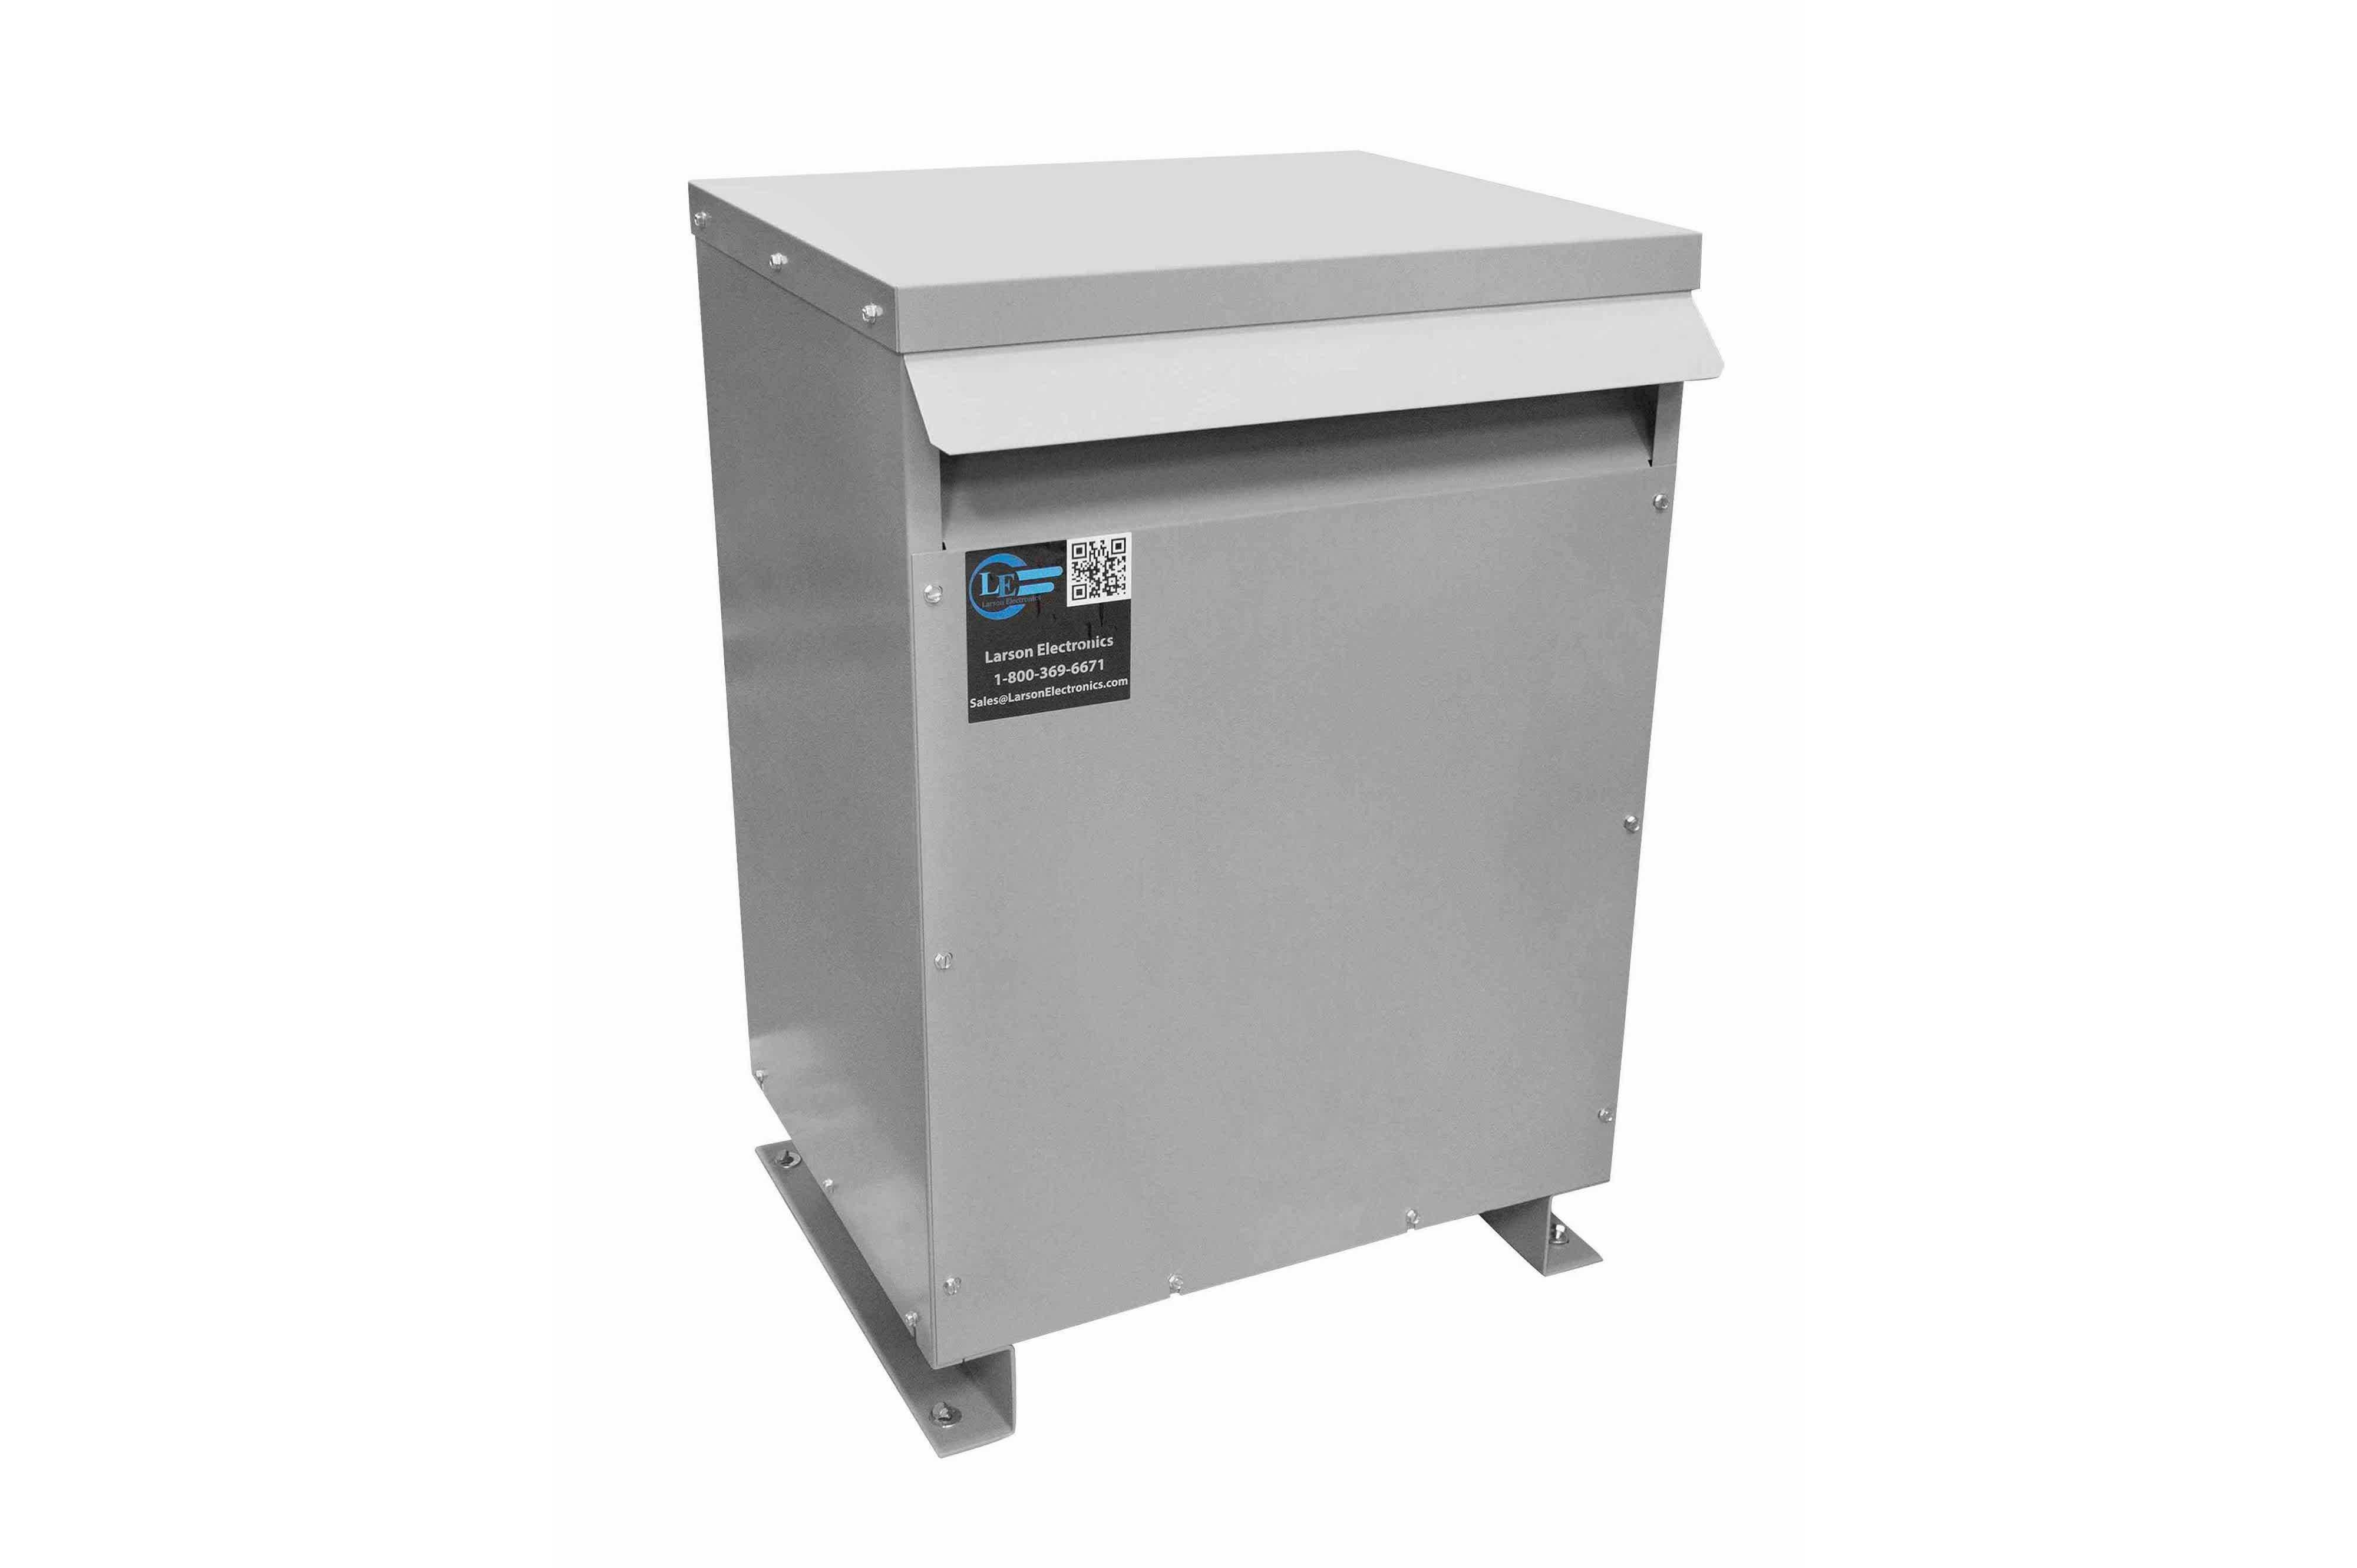 13 kVA 3PH Isolation Transformer, 600V Delta Primary, 480V Delta Secondary, N3R, Ventilated, 60 Hz